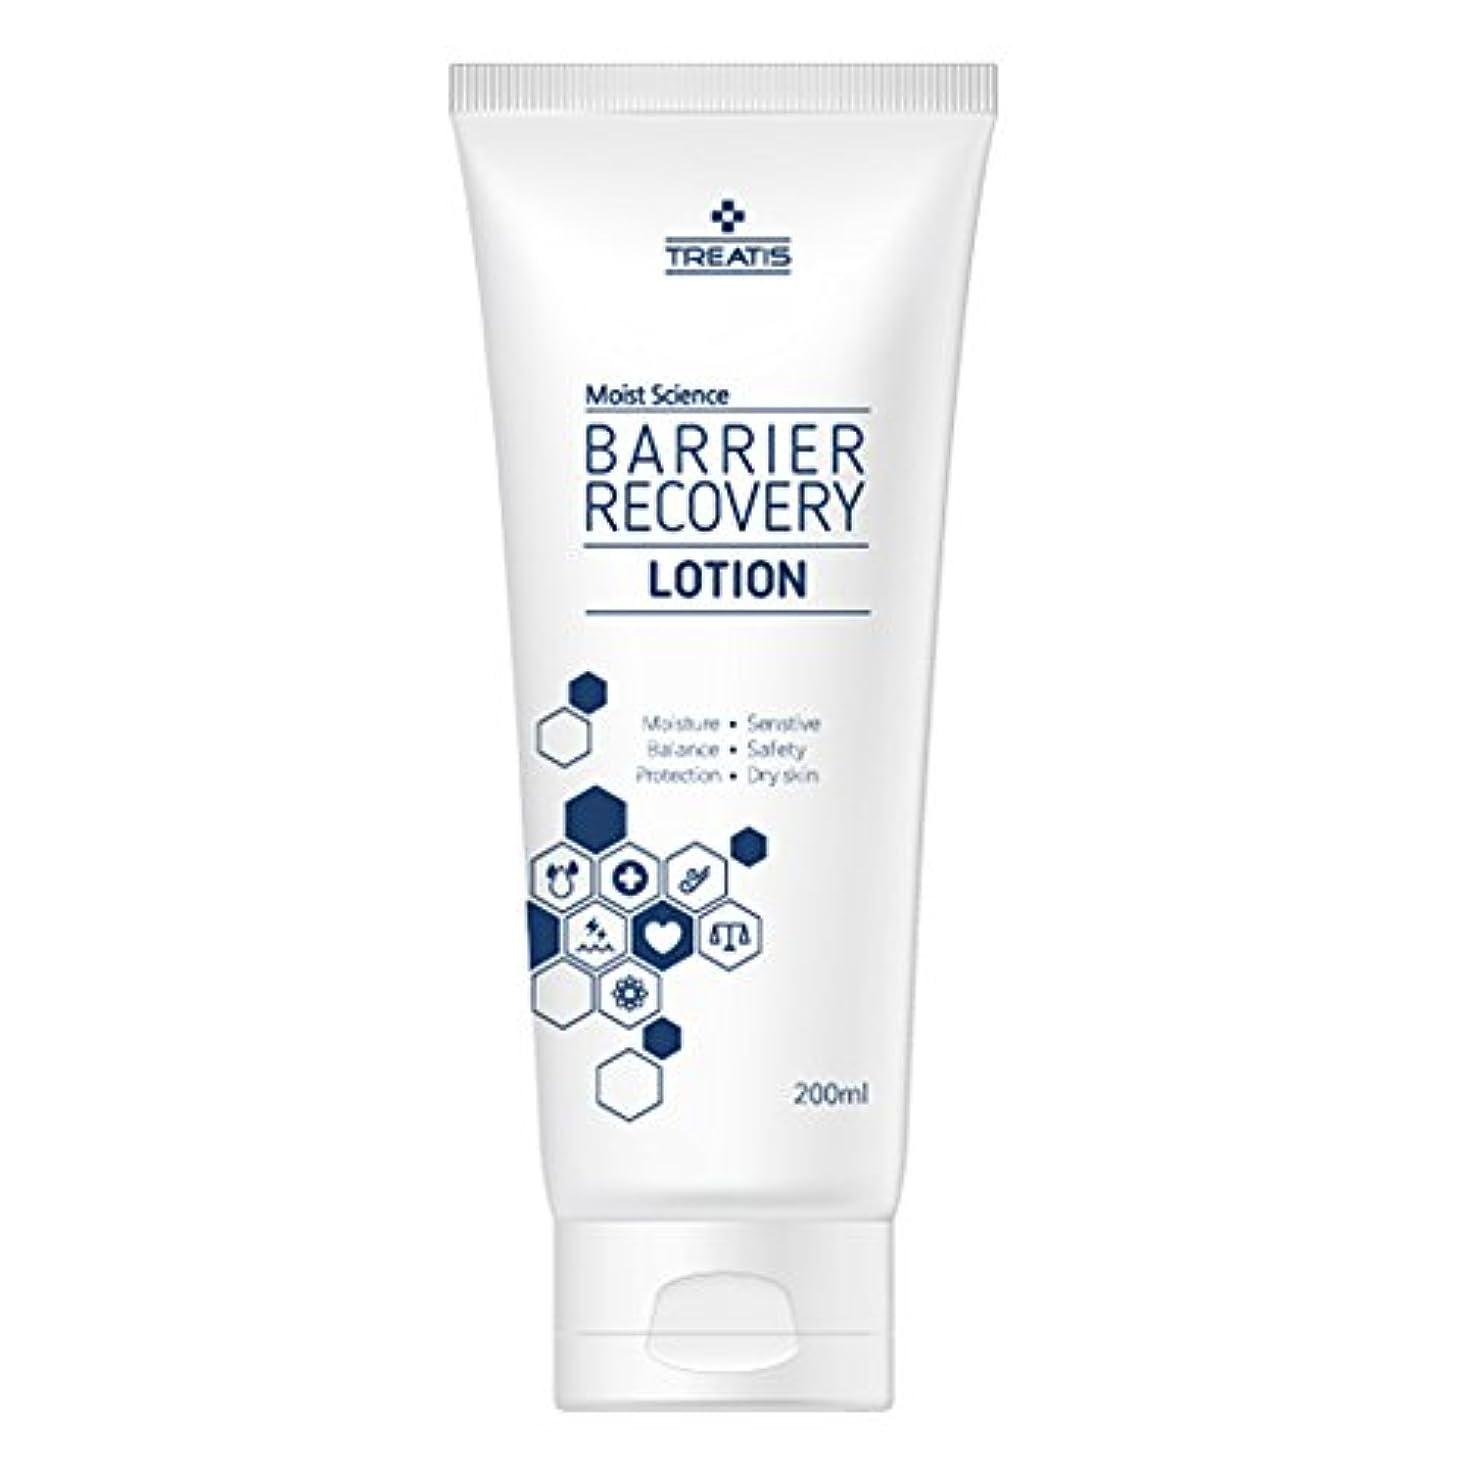 処理するマークされた腹部Treatis barrier recovery lotion 7oz (200ml)/Moisture, Senstive, Balance, Safty, Protection, Dry skin [並行輸入品]